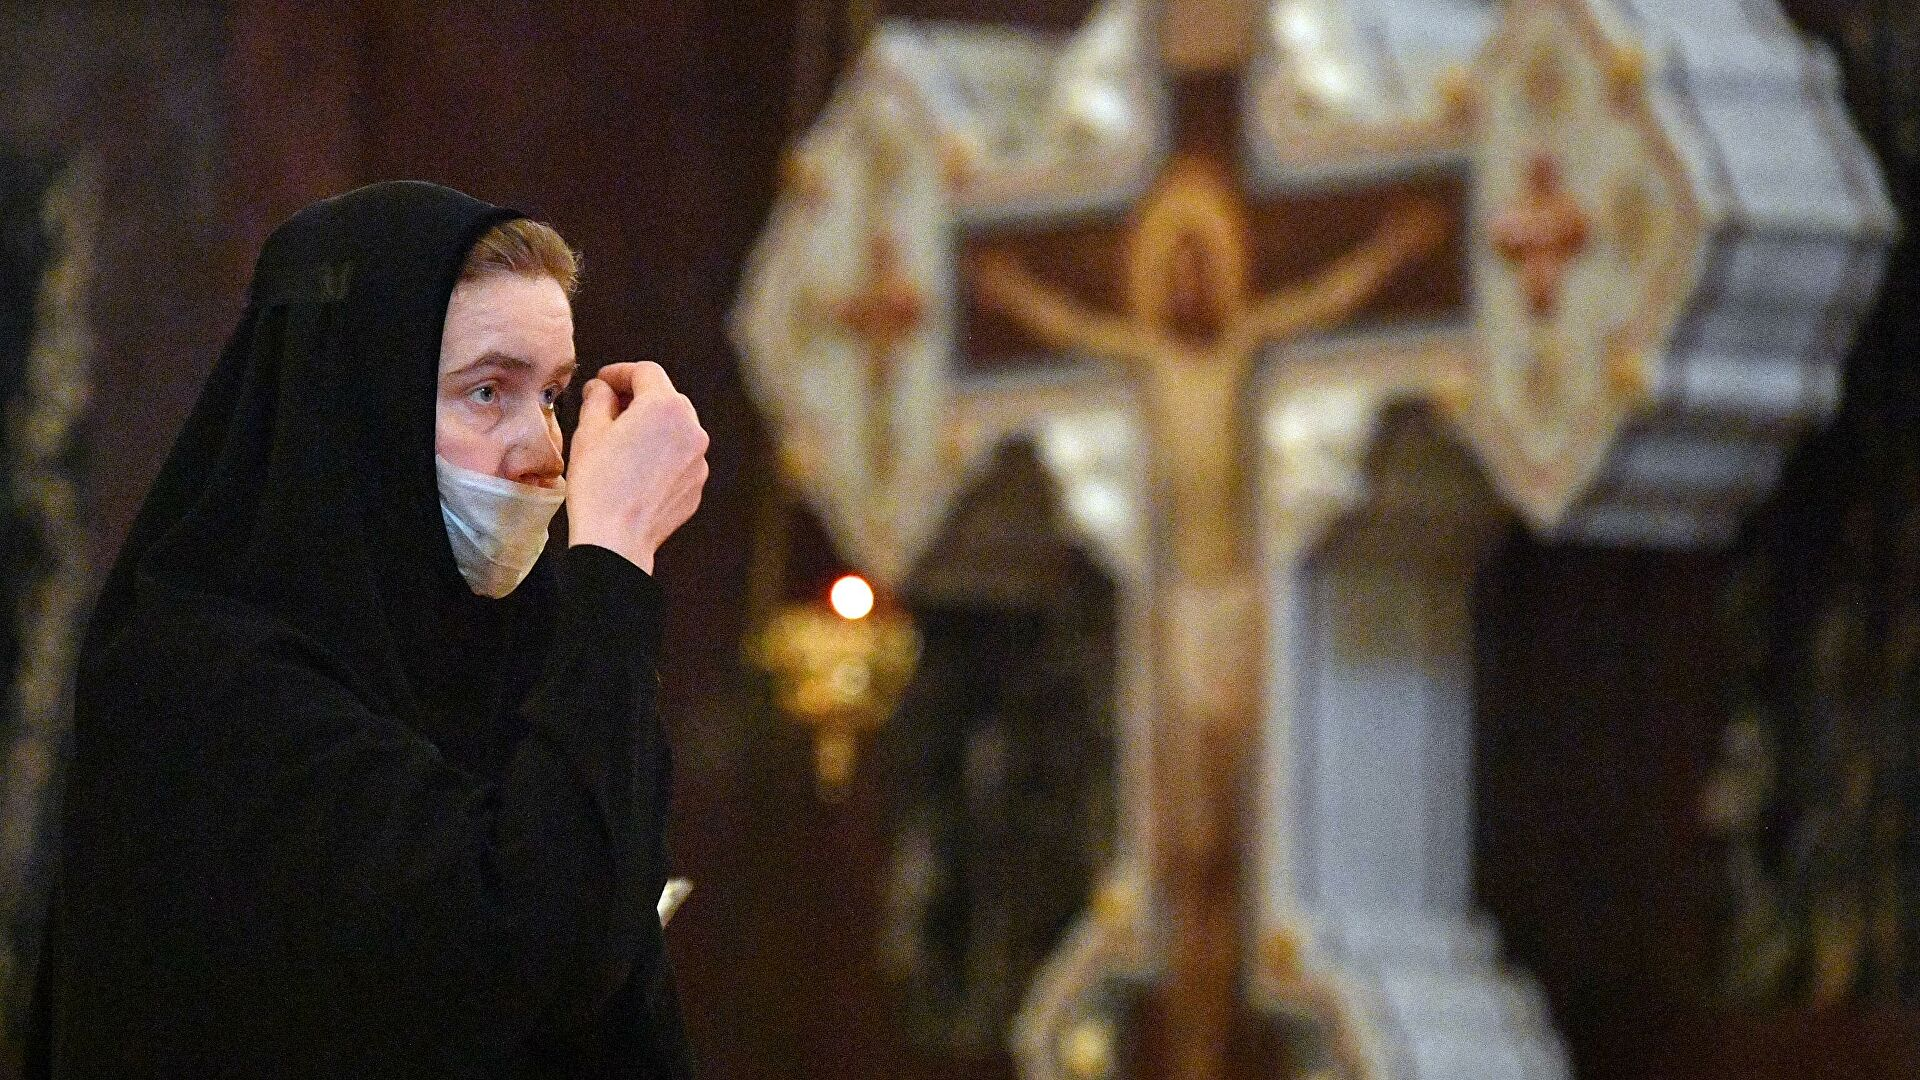 Mitropolit Ilarion: Izuzetno važno da svetsko pravoslavlje ne bude uvučeno u geopolitičke spletke